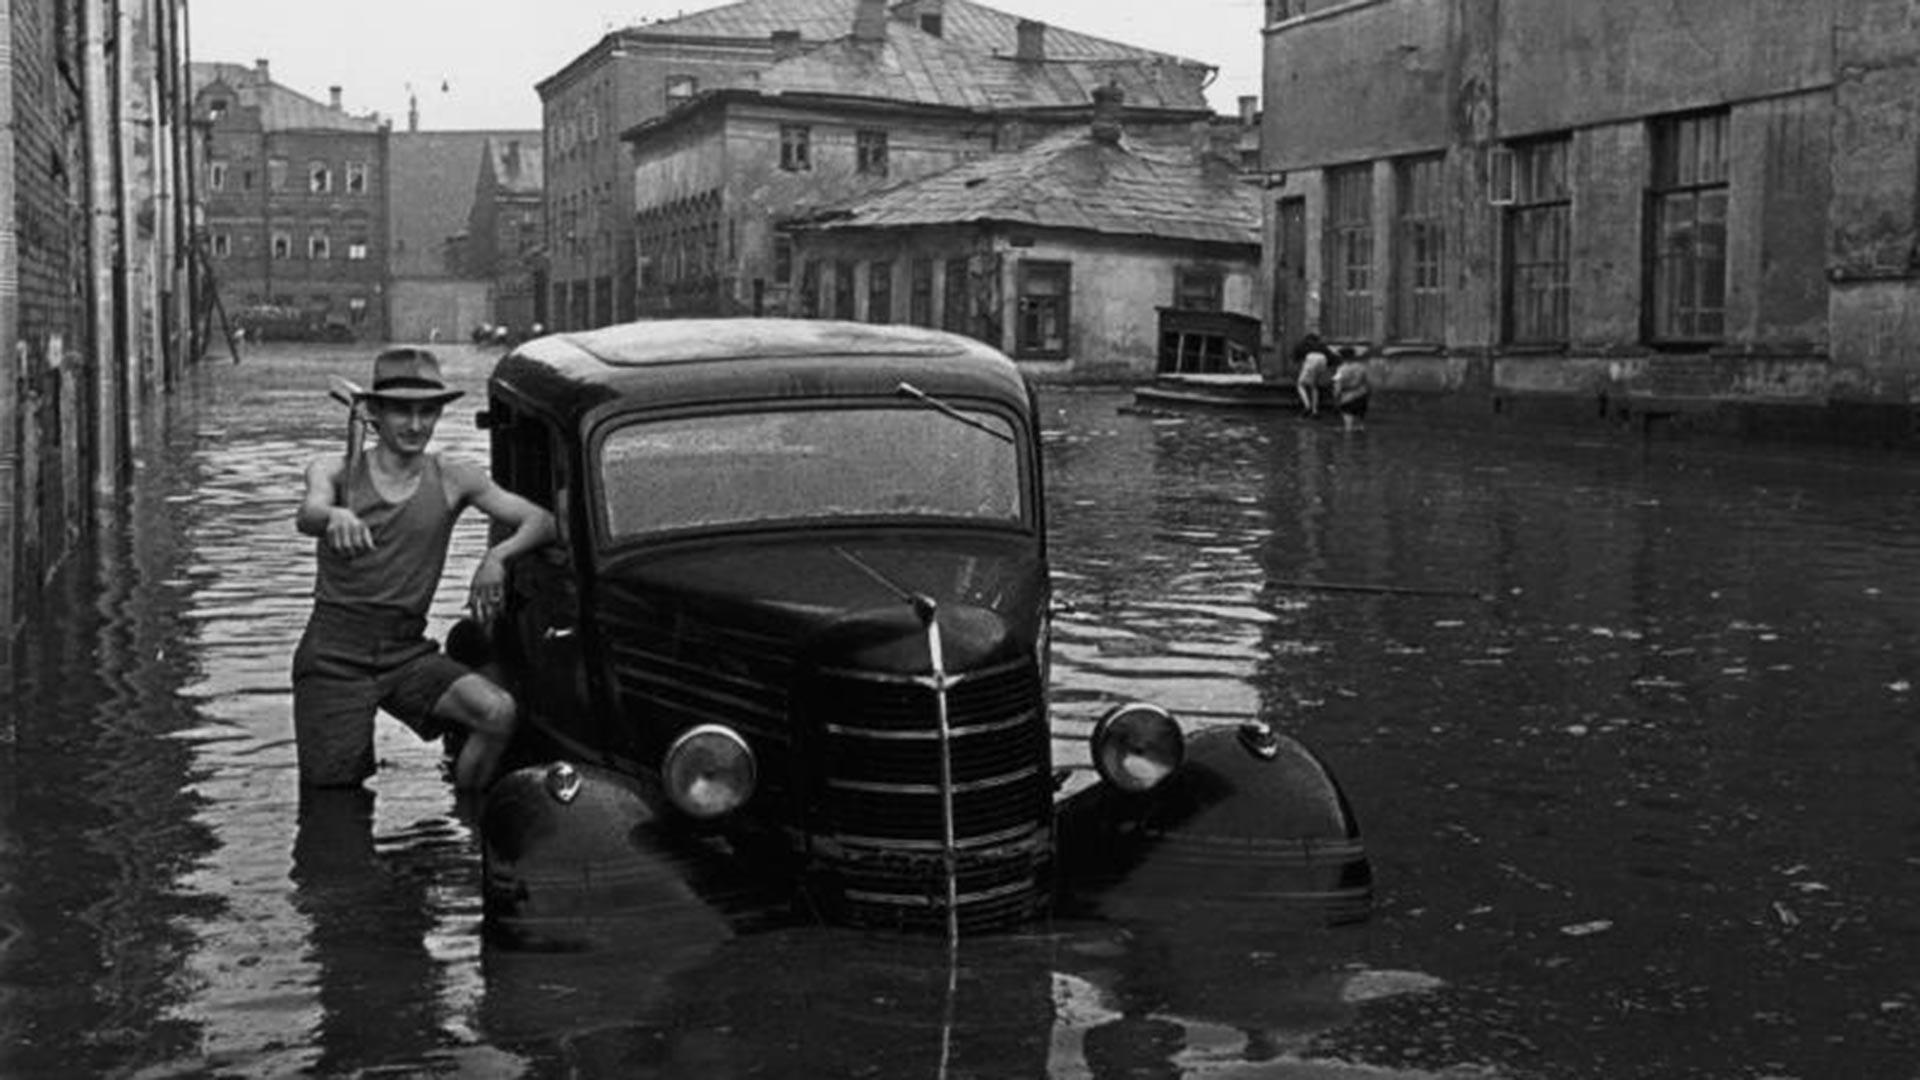 Poplava na ulicama Moskve poslije proloma oblaka u svibnju 1949.